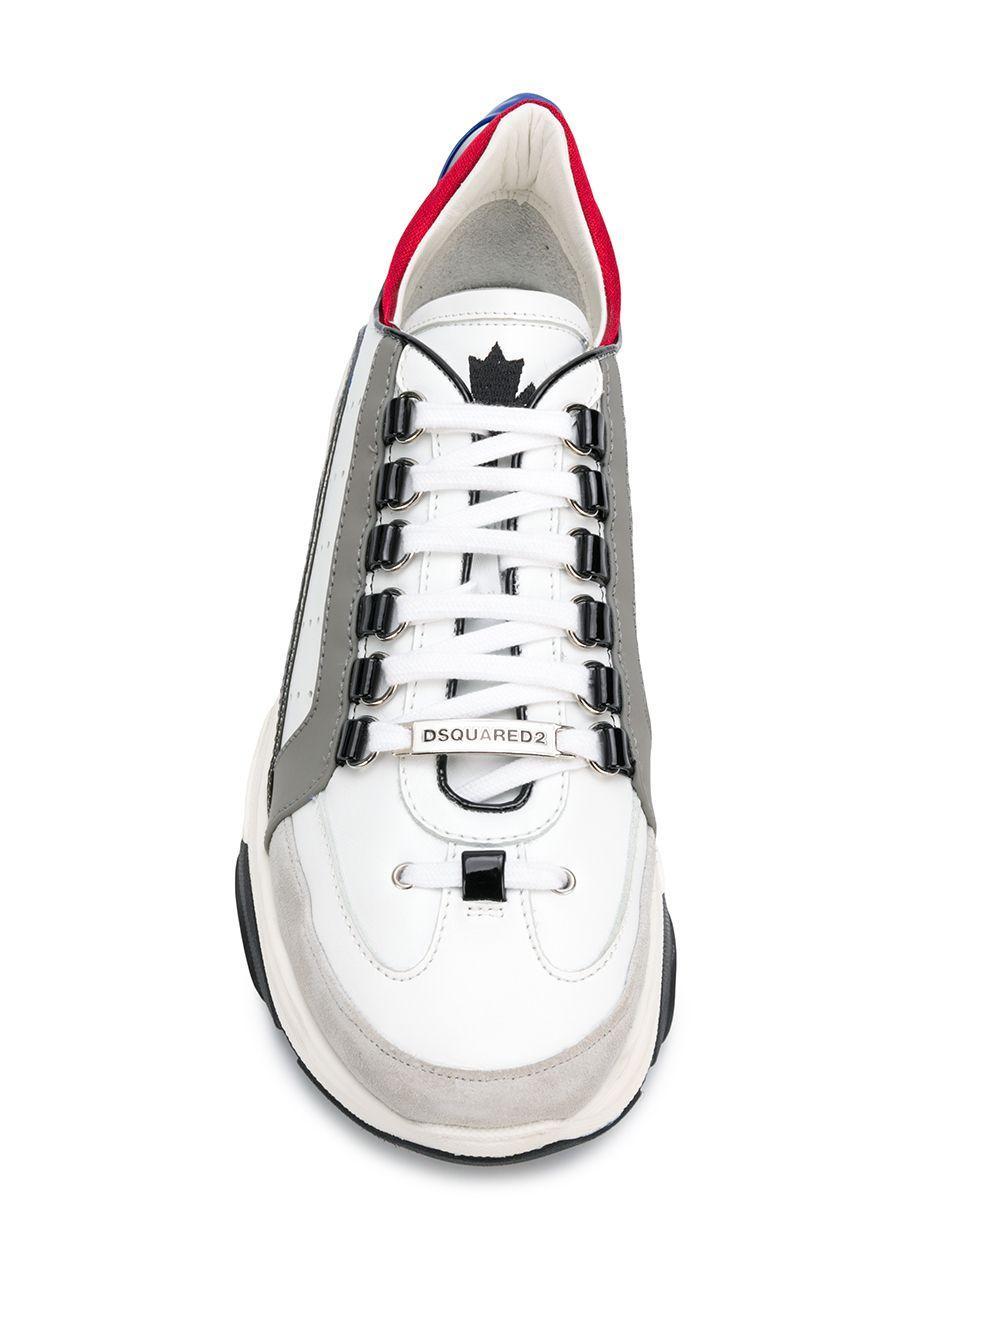 Zapatillas Bumpy 551 DSquared² de Cuero de color Blanco para hombre